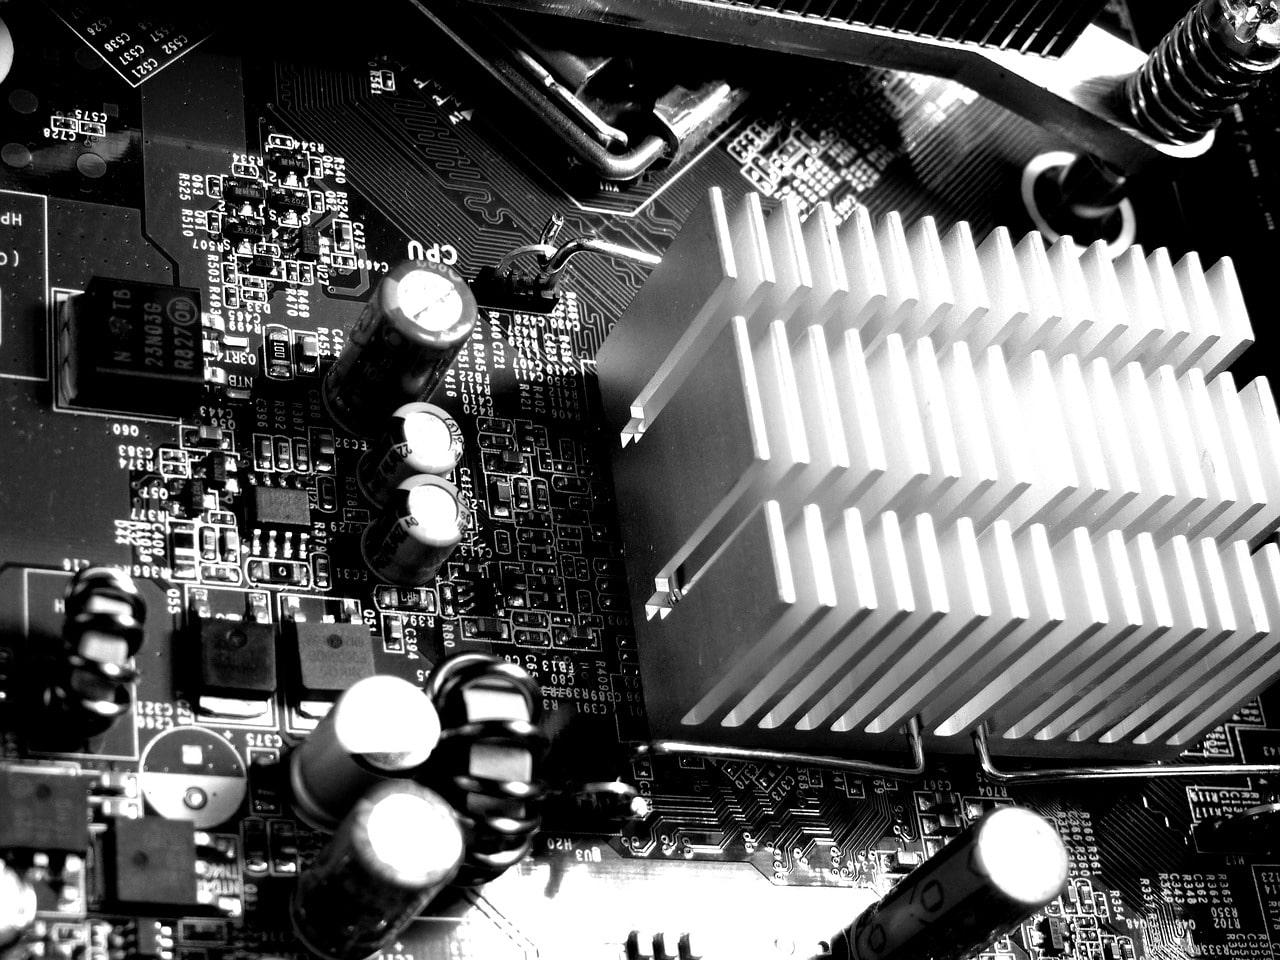 Mini-ITX board